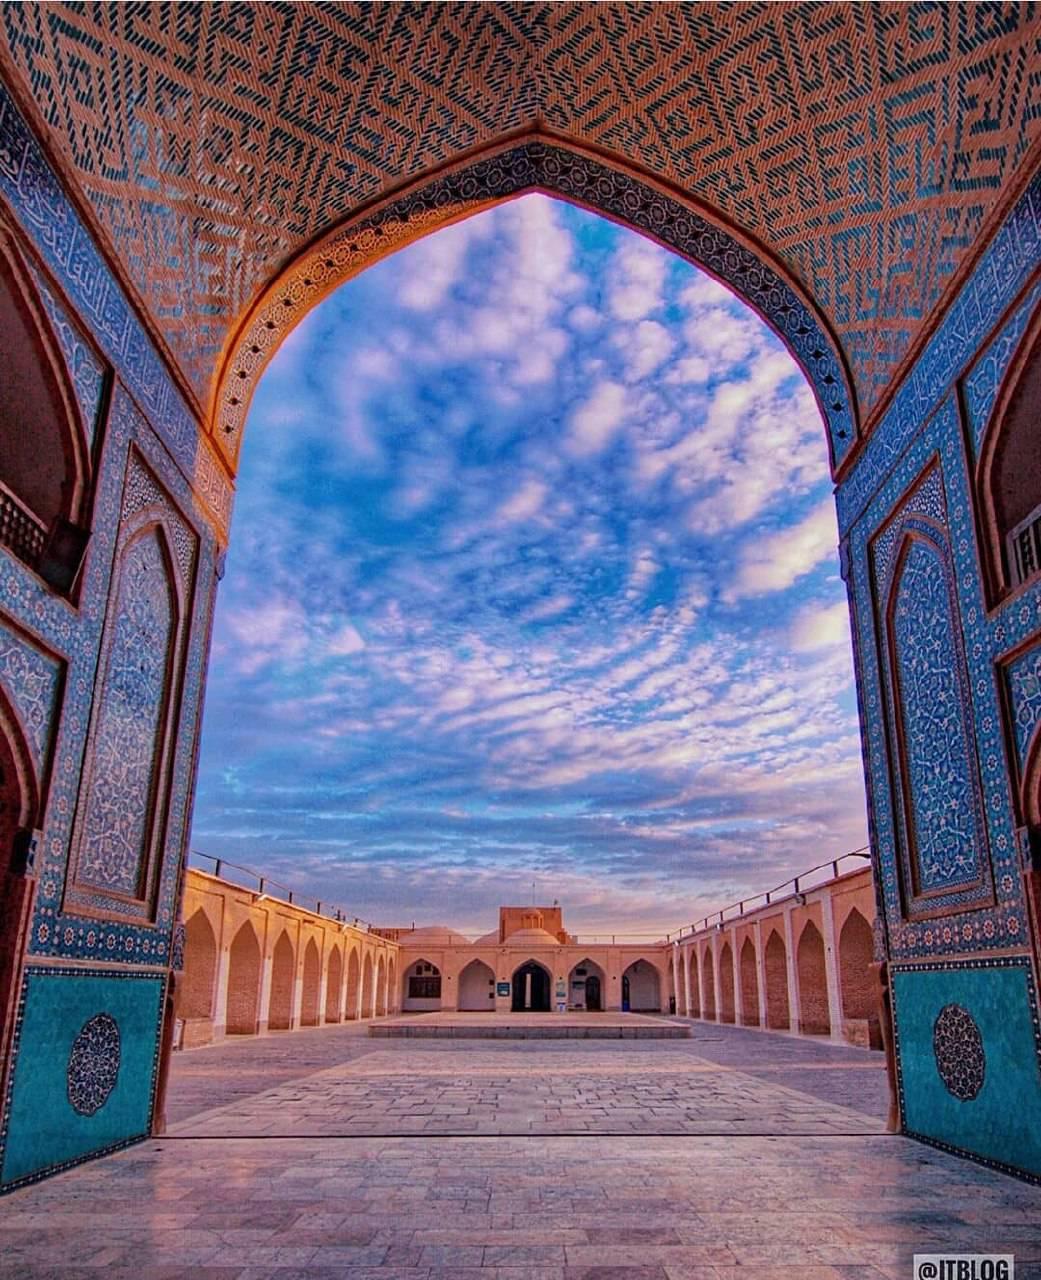 معماری زیبا و چشم نواز مسجد جامع یزد